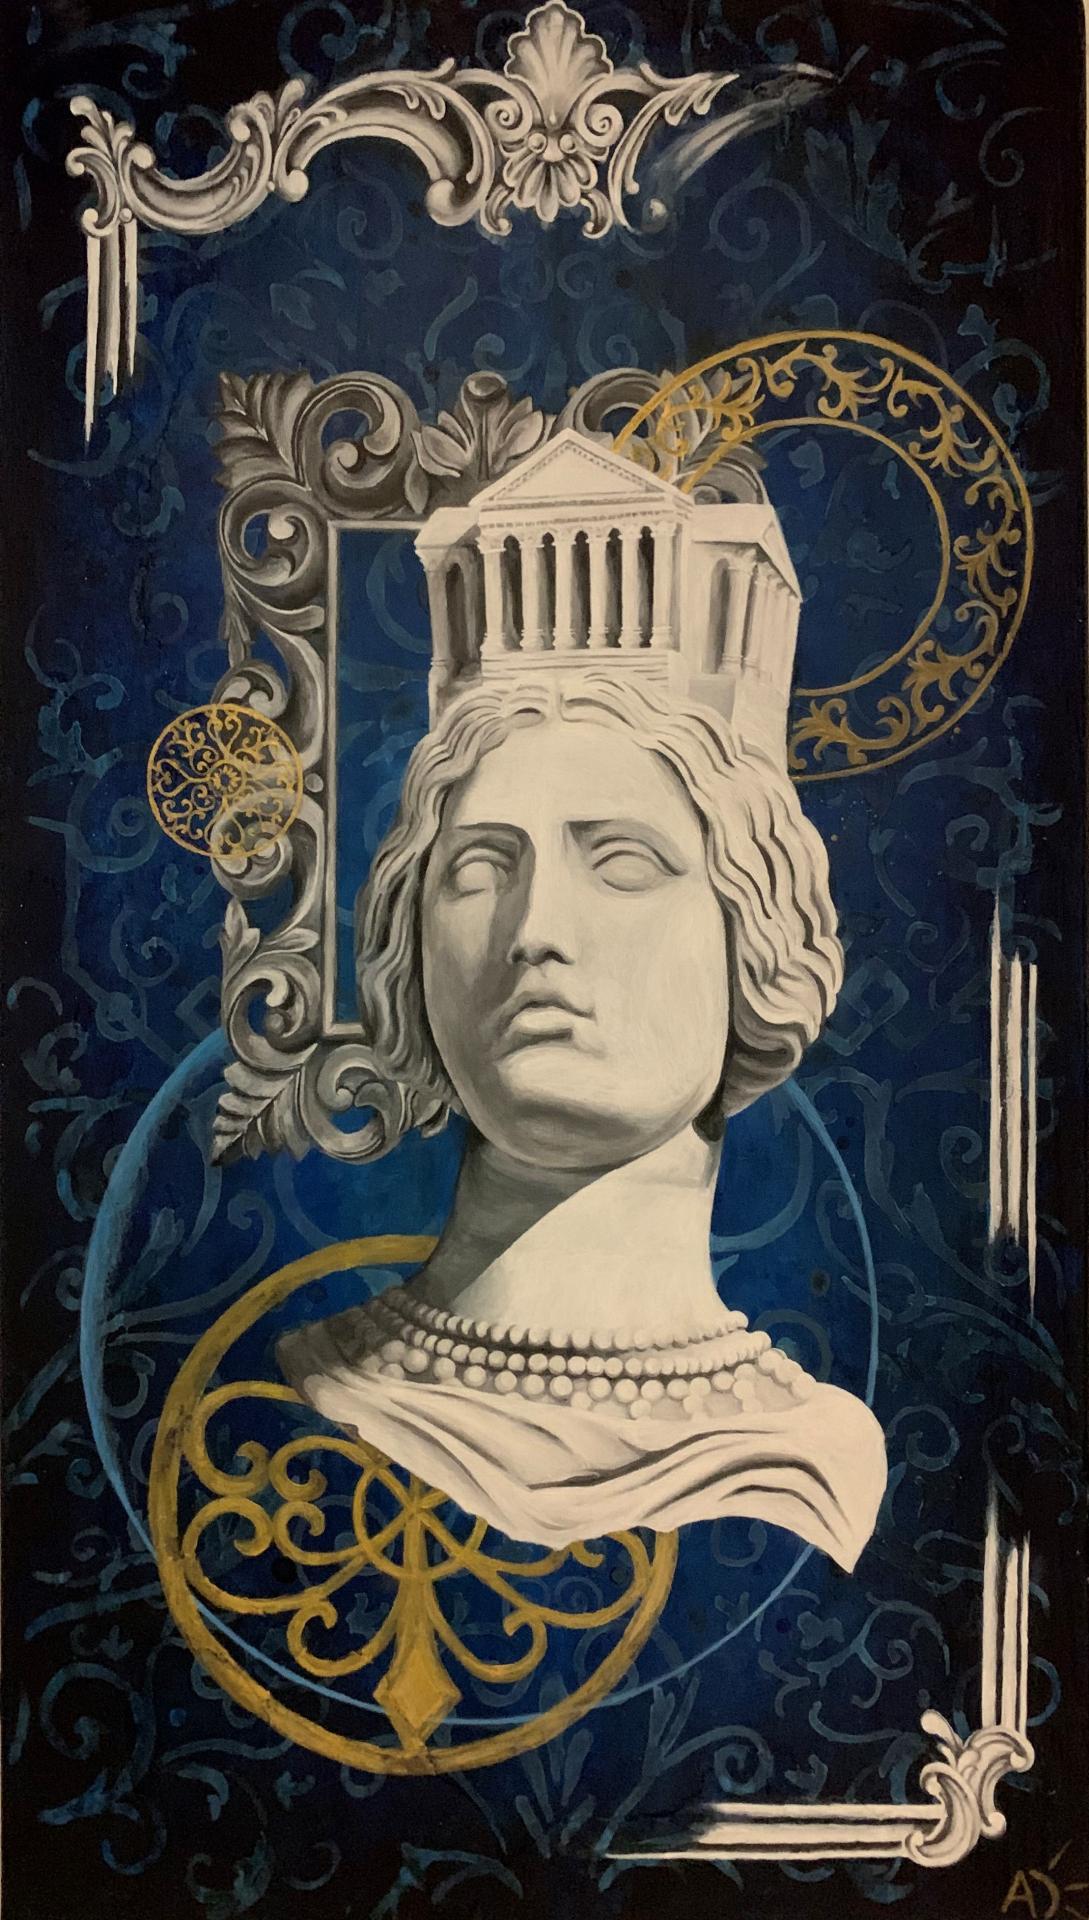 'Nîmes la romaine' 2020, oeuvre peinte sur châssis en bois. Peinture acrylique et vernis mat, peinture de la statue de Pradier de l'esplanade sur Nîmes. La statue est une allégorie de la ville de Nîmes.